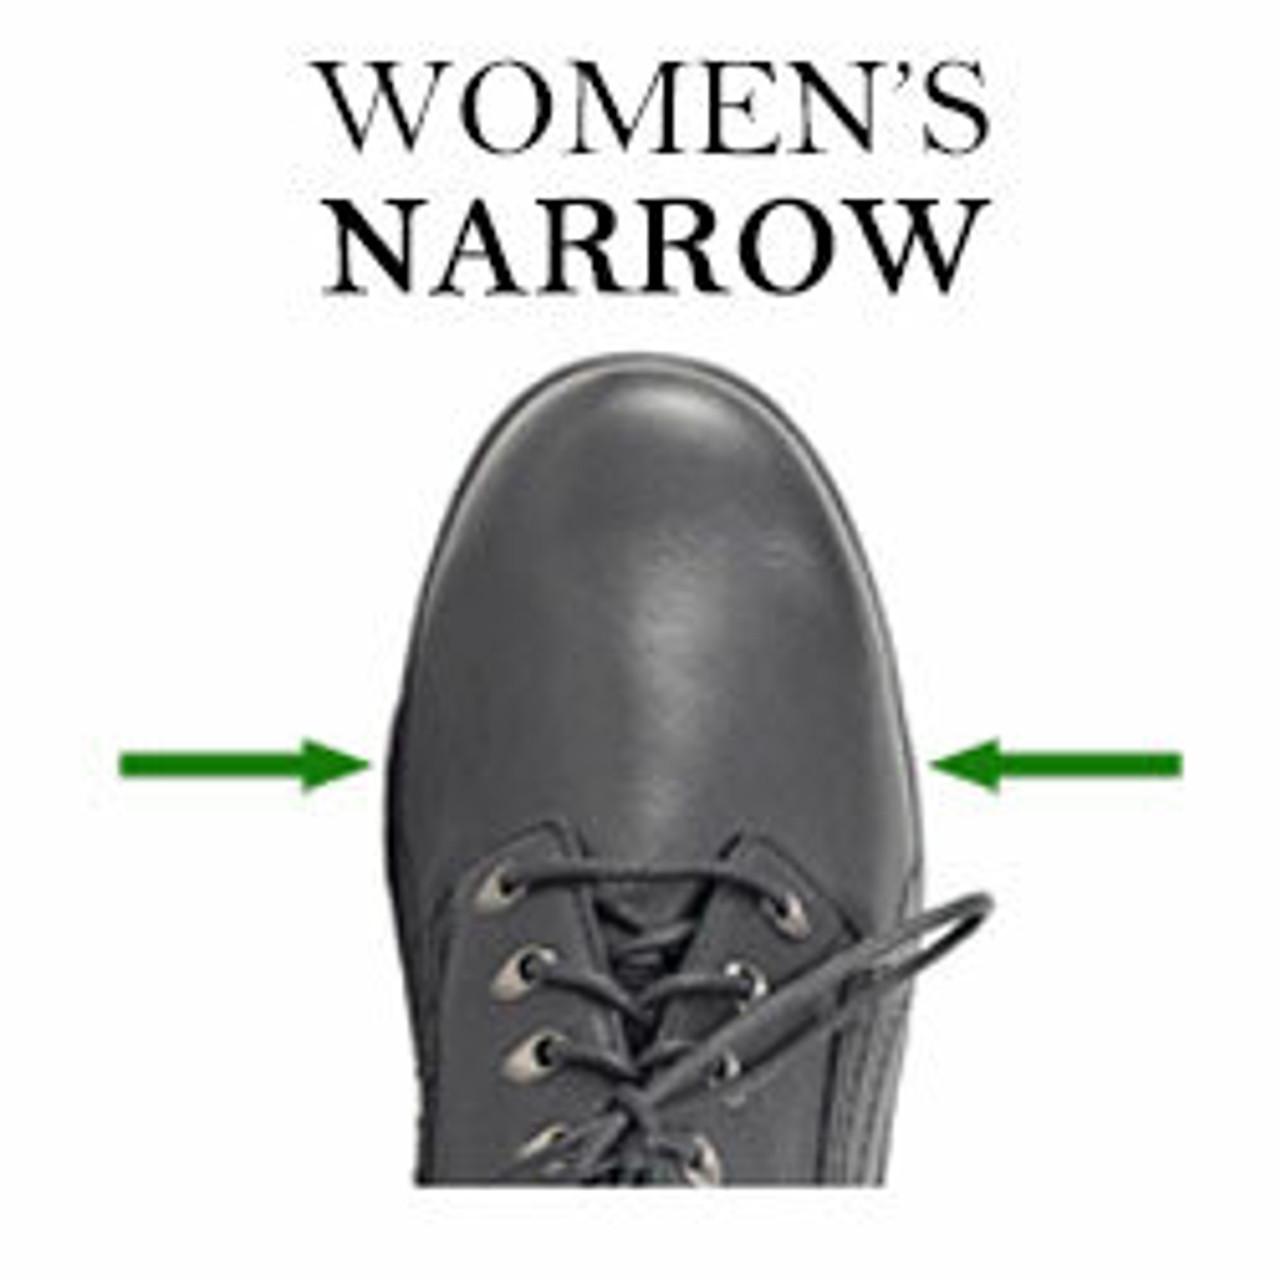 Narrow Shoes For Women |  Womens Narrow Shoes